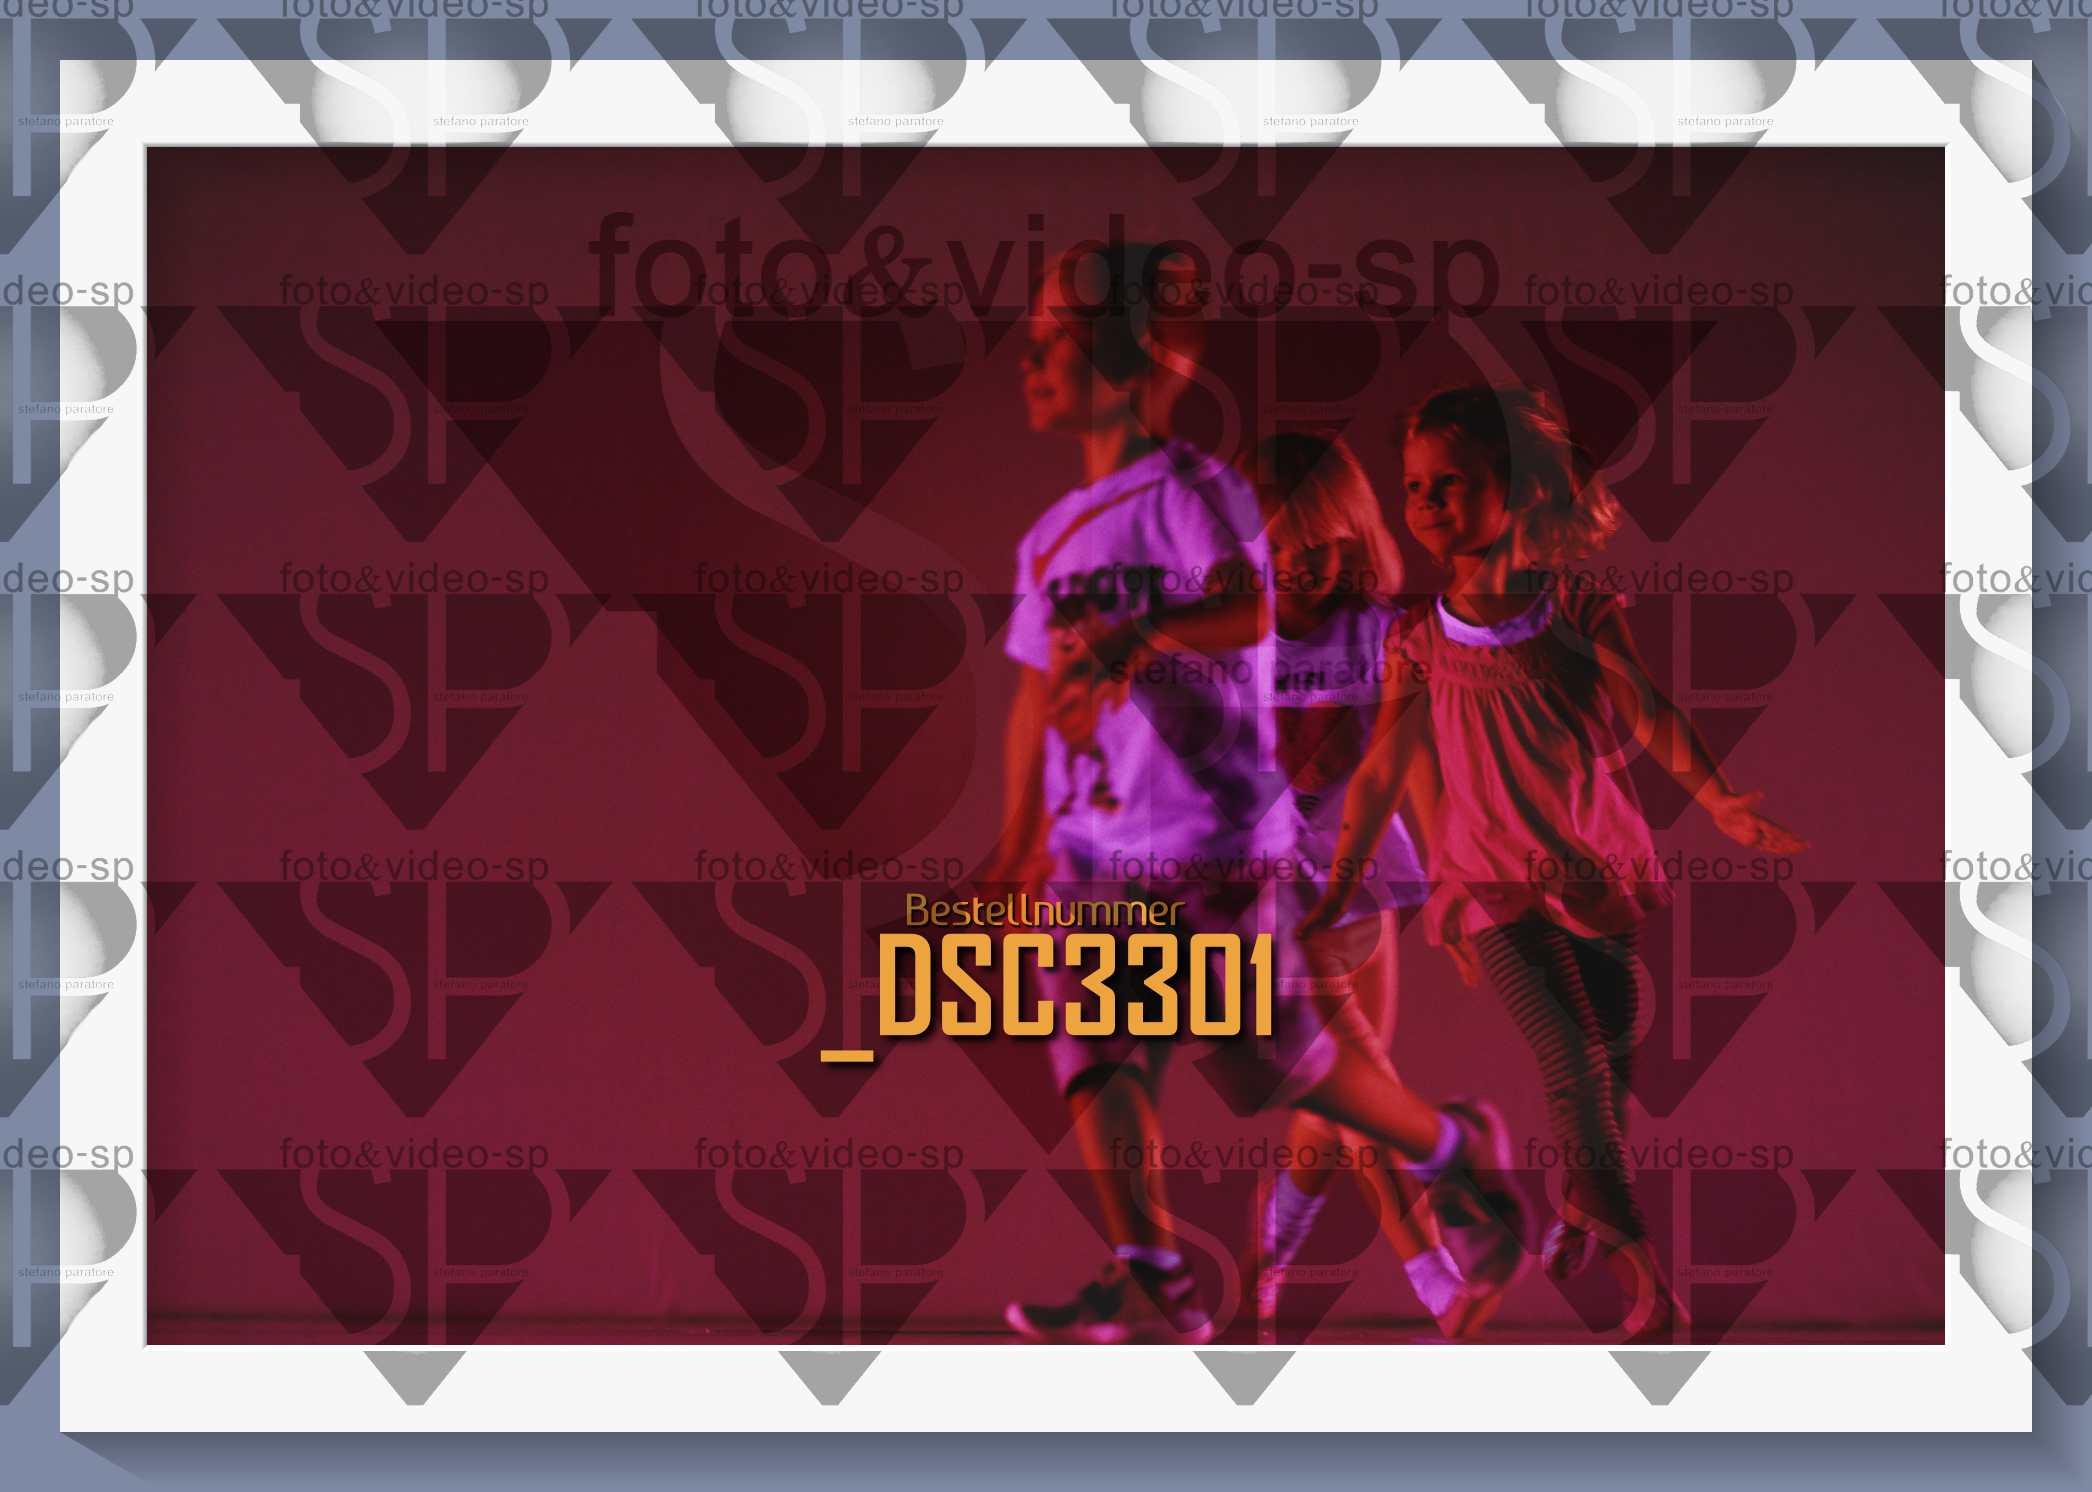 DSC3301